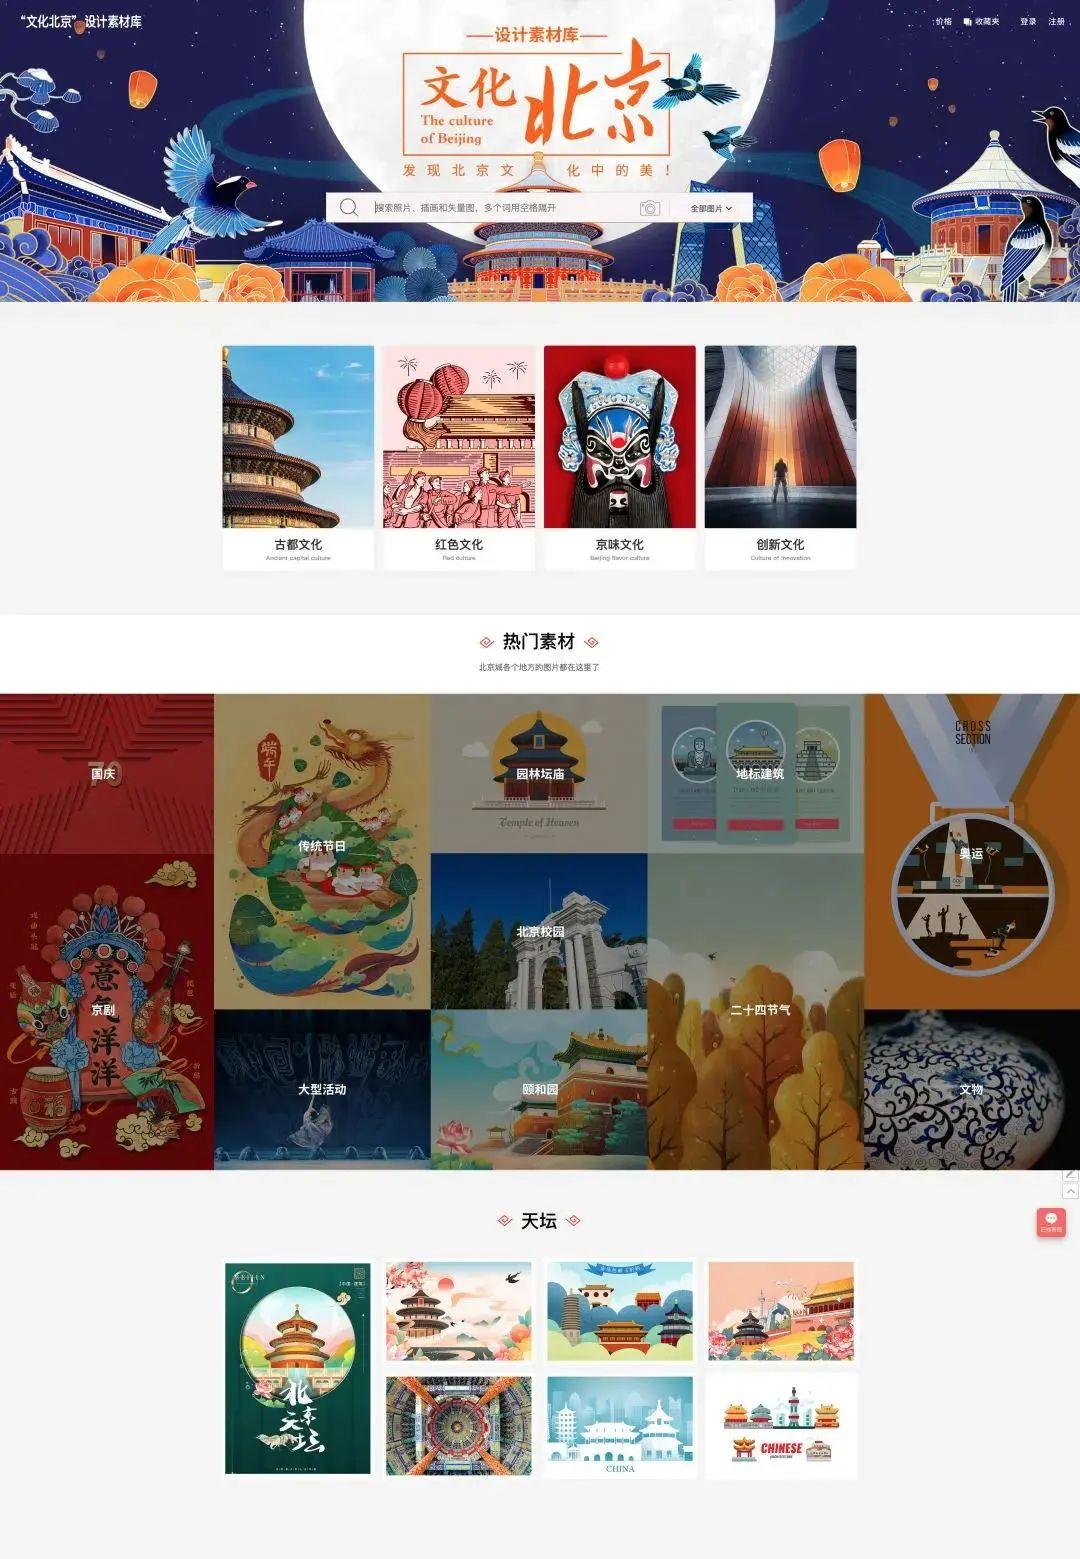 http://www.bjgjt.com/beijingxinwen/158238.html